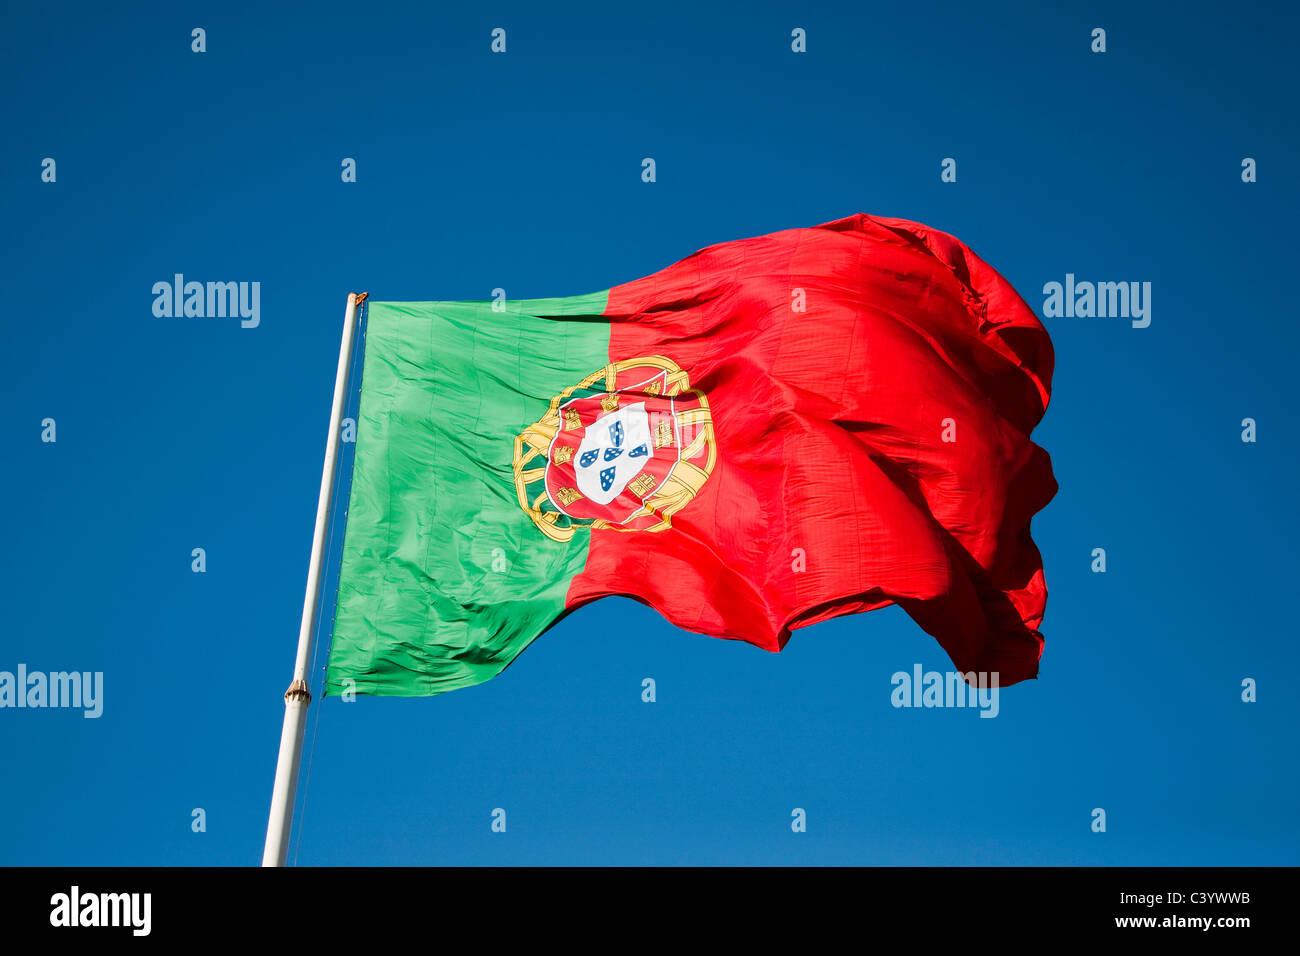 Portugal, Europa, bandera, estandarte, bandera, verde, rojo Imagen De Stock